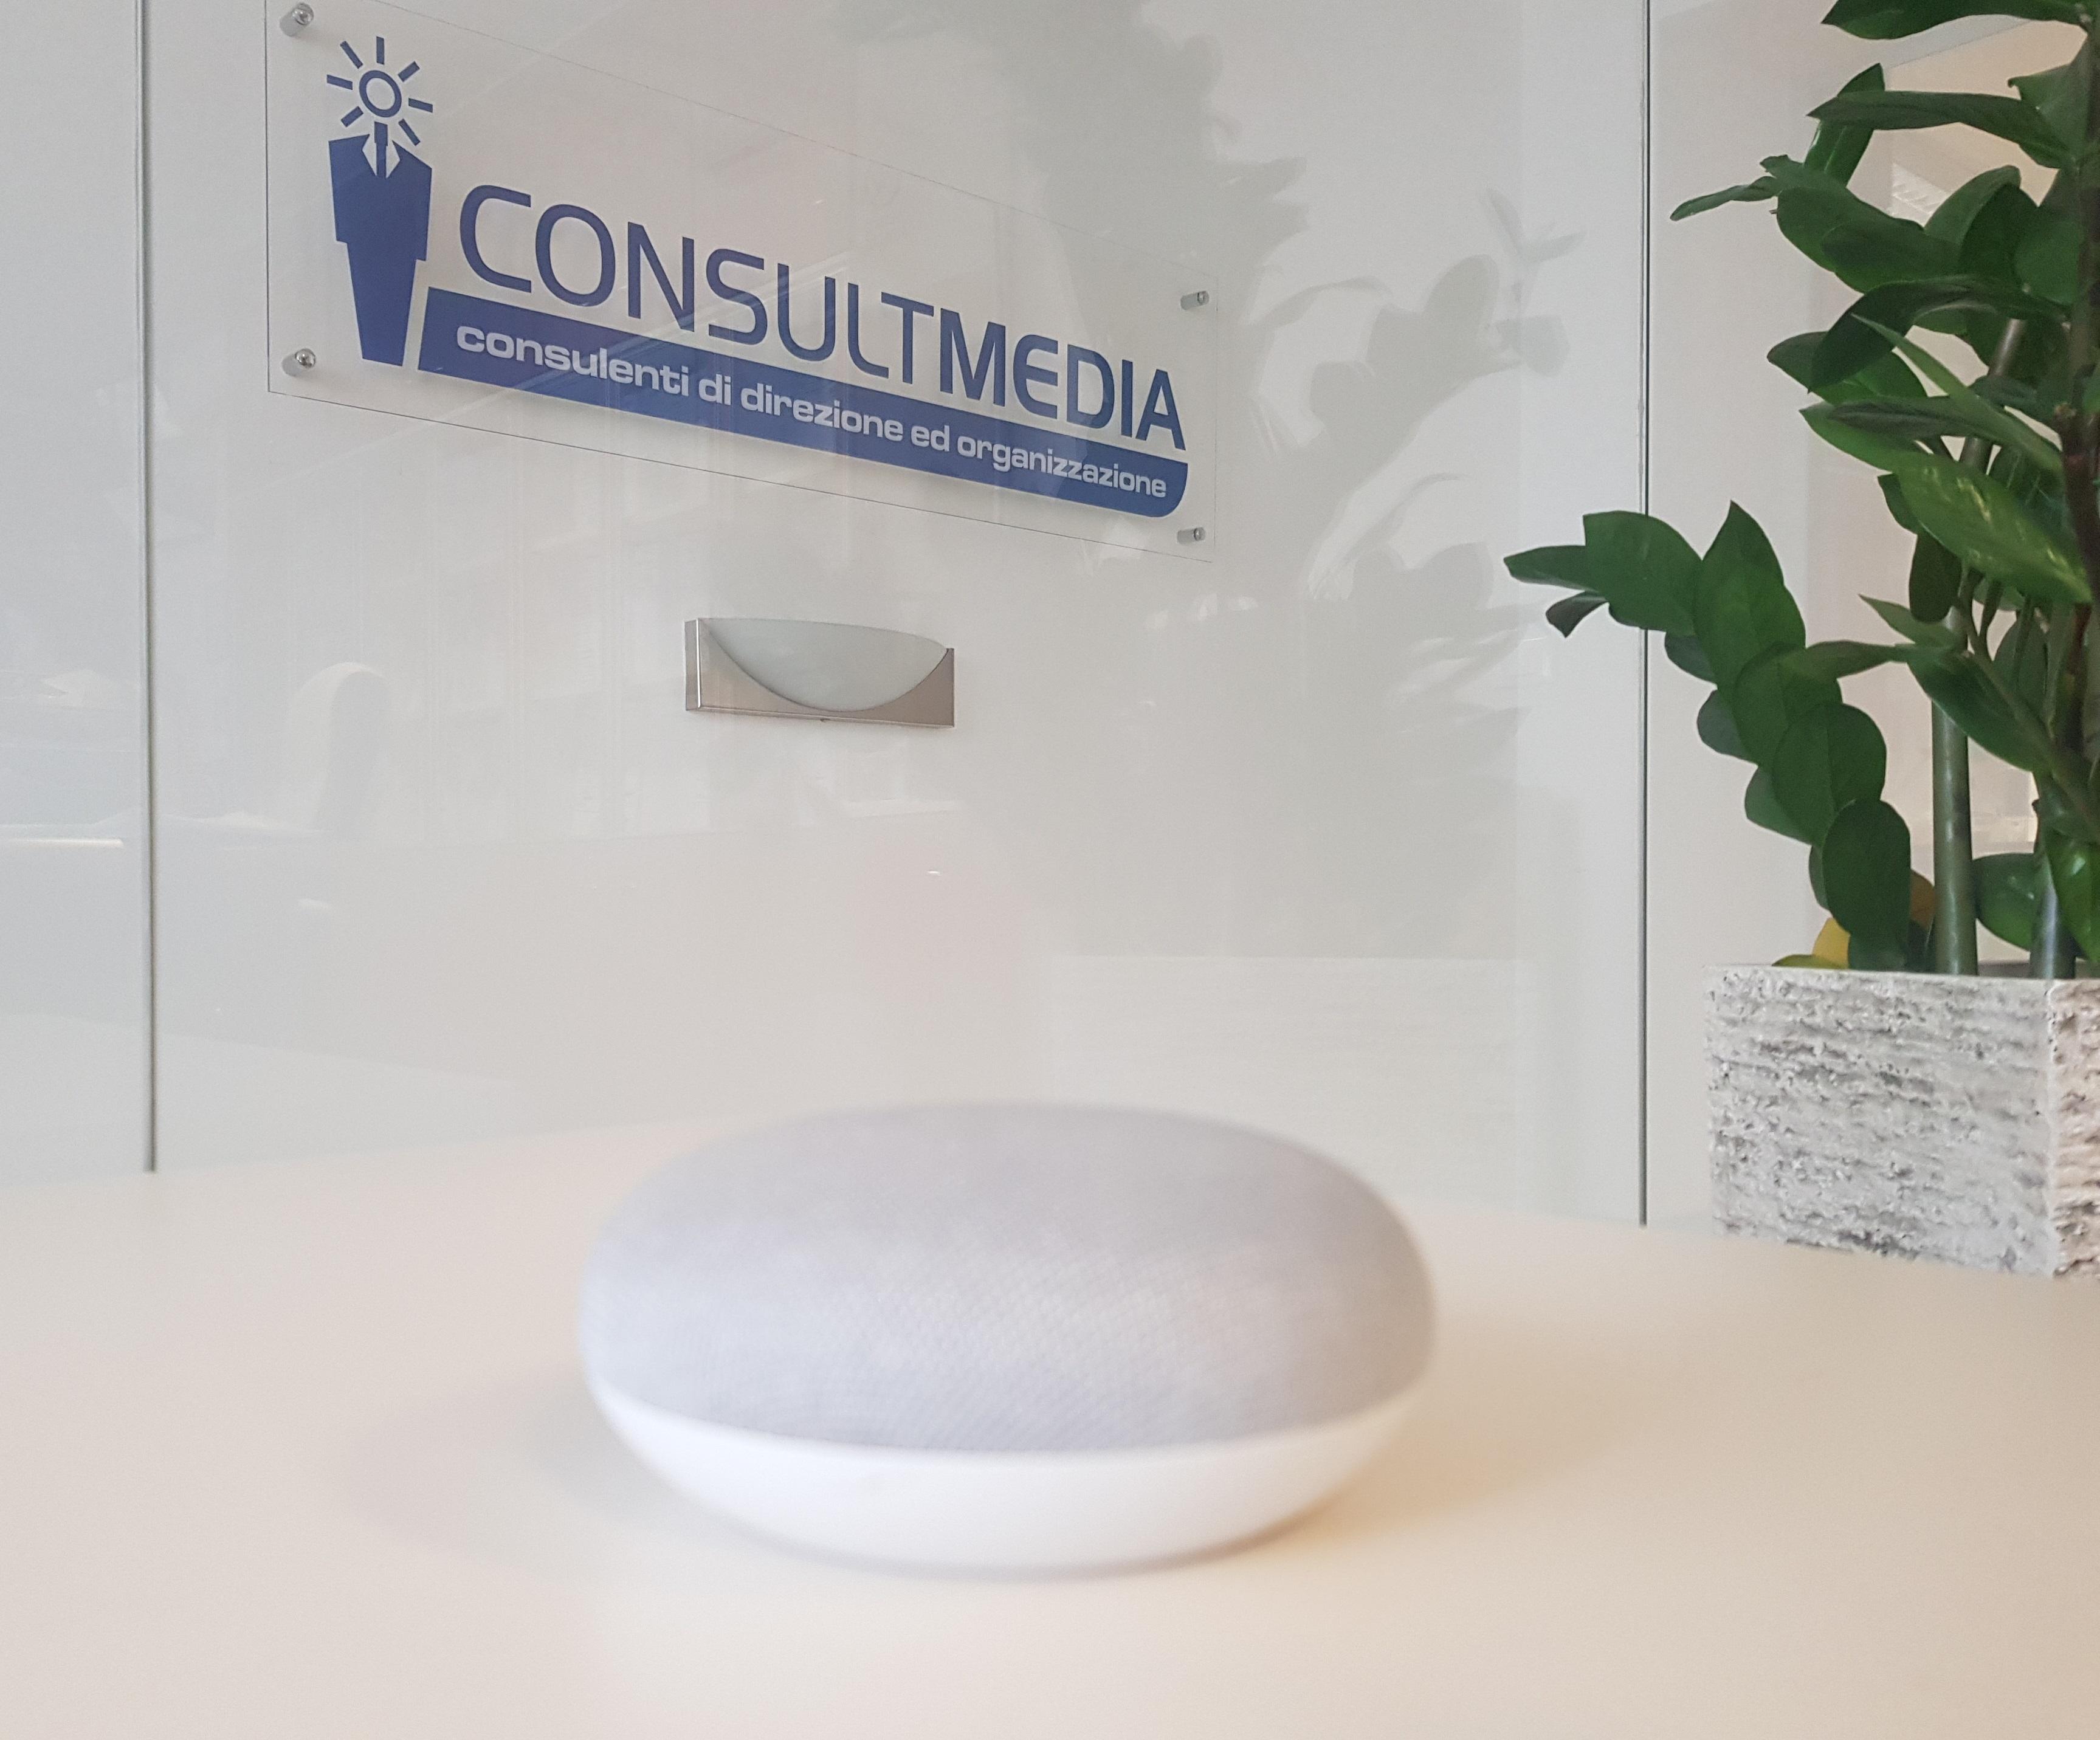 smart speaker consultmedia - Radio 4.0. A Ferrara si parla del futuro della radiofonia attraverso gli smart speaker. In Austria da manuale il caso di CHR